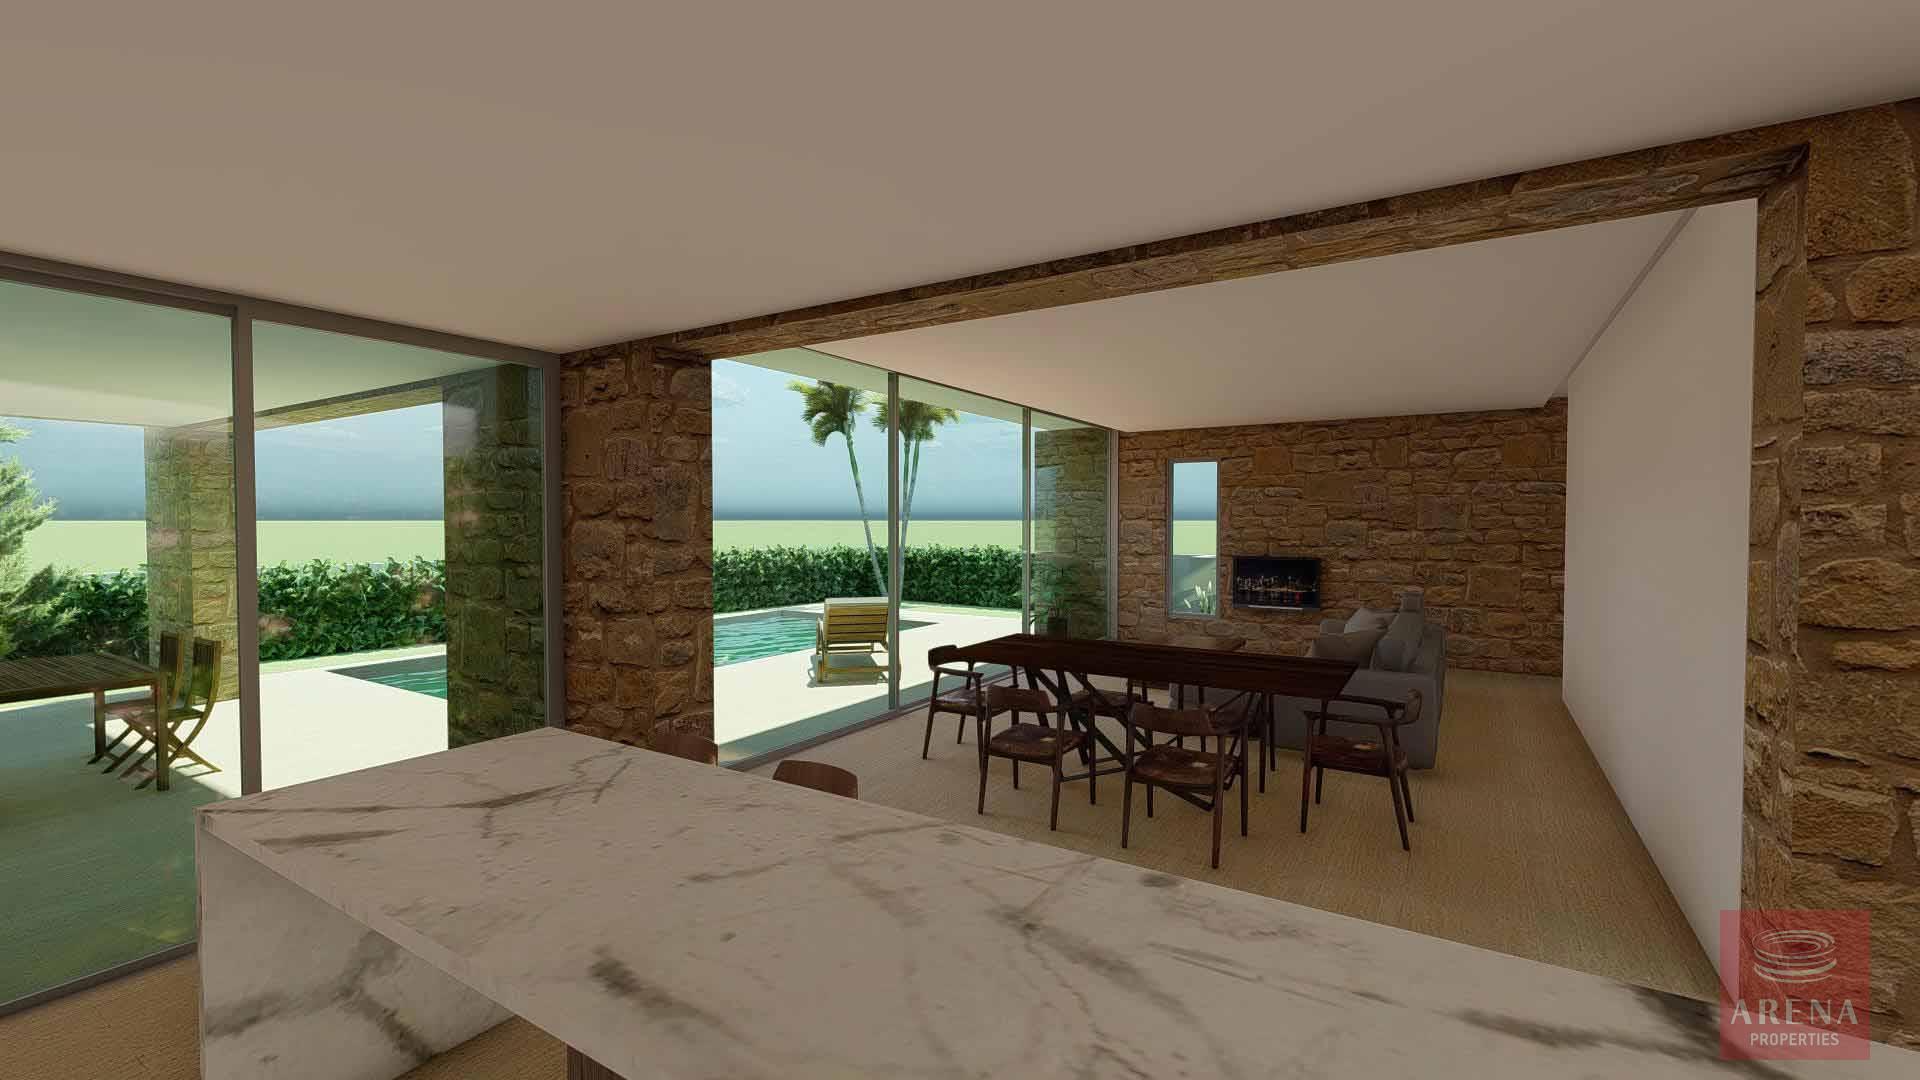 New villa in Oroklini